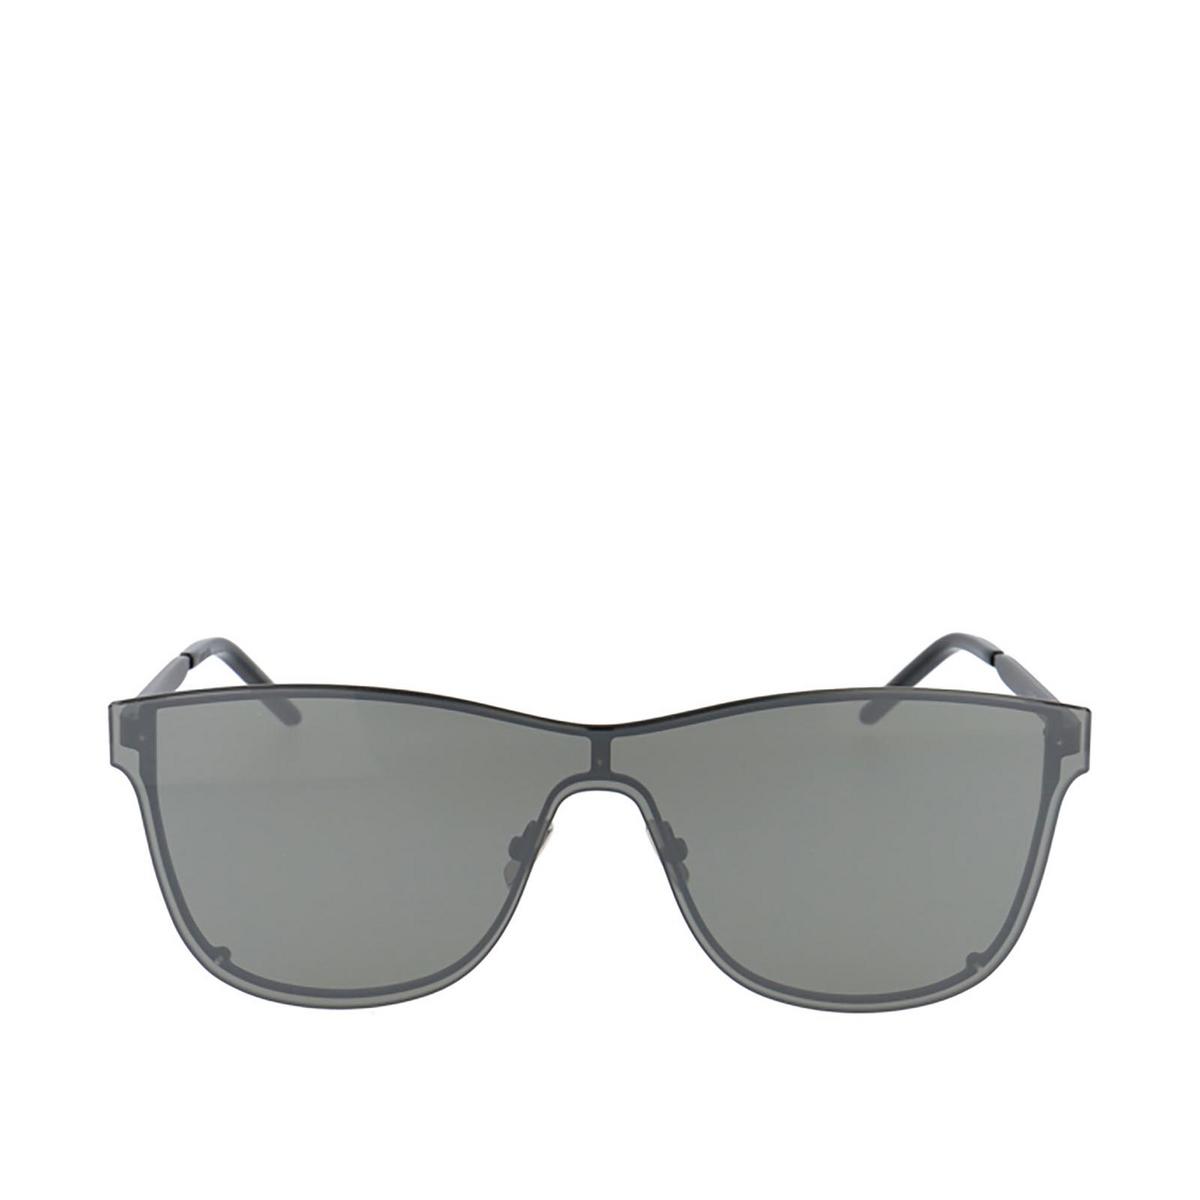 Saint Laurent® Mask Sunglasses: SL 51 OVER MASK color Black 003 - front view.